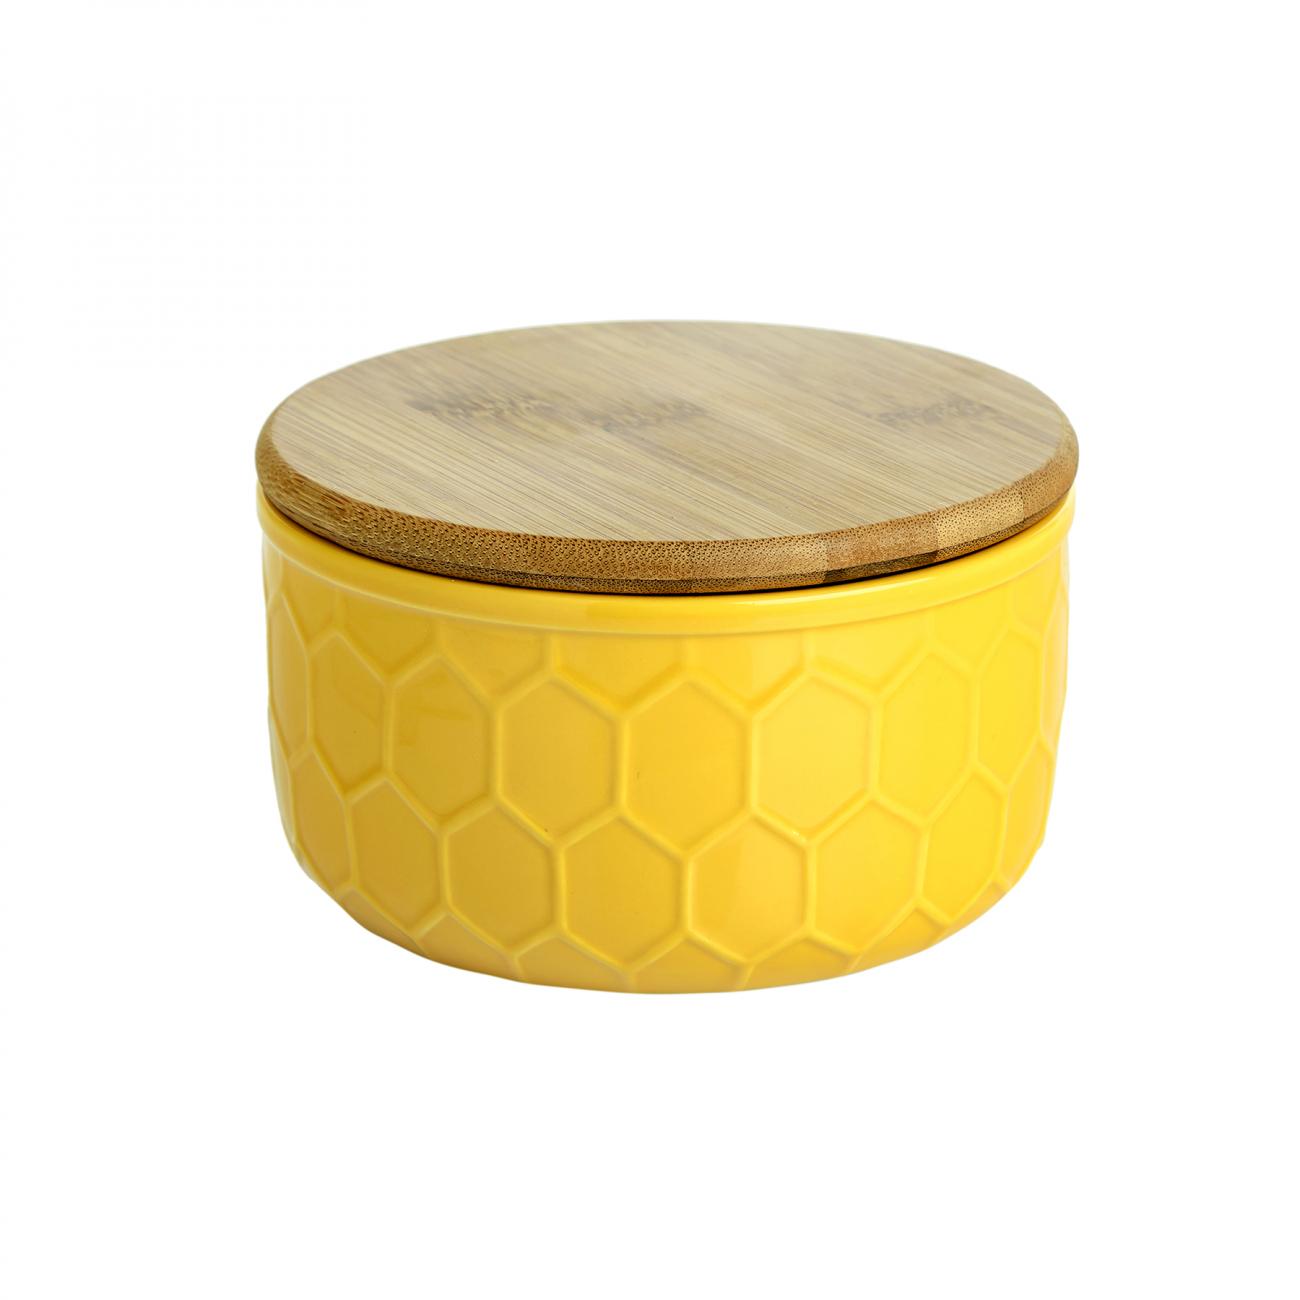 Купить Ёмкость для хранения Honeycomb Жёлтая Большая в интернет магазине дизайнерской мебели и аксессуаров для дома и дачи